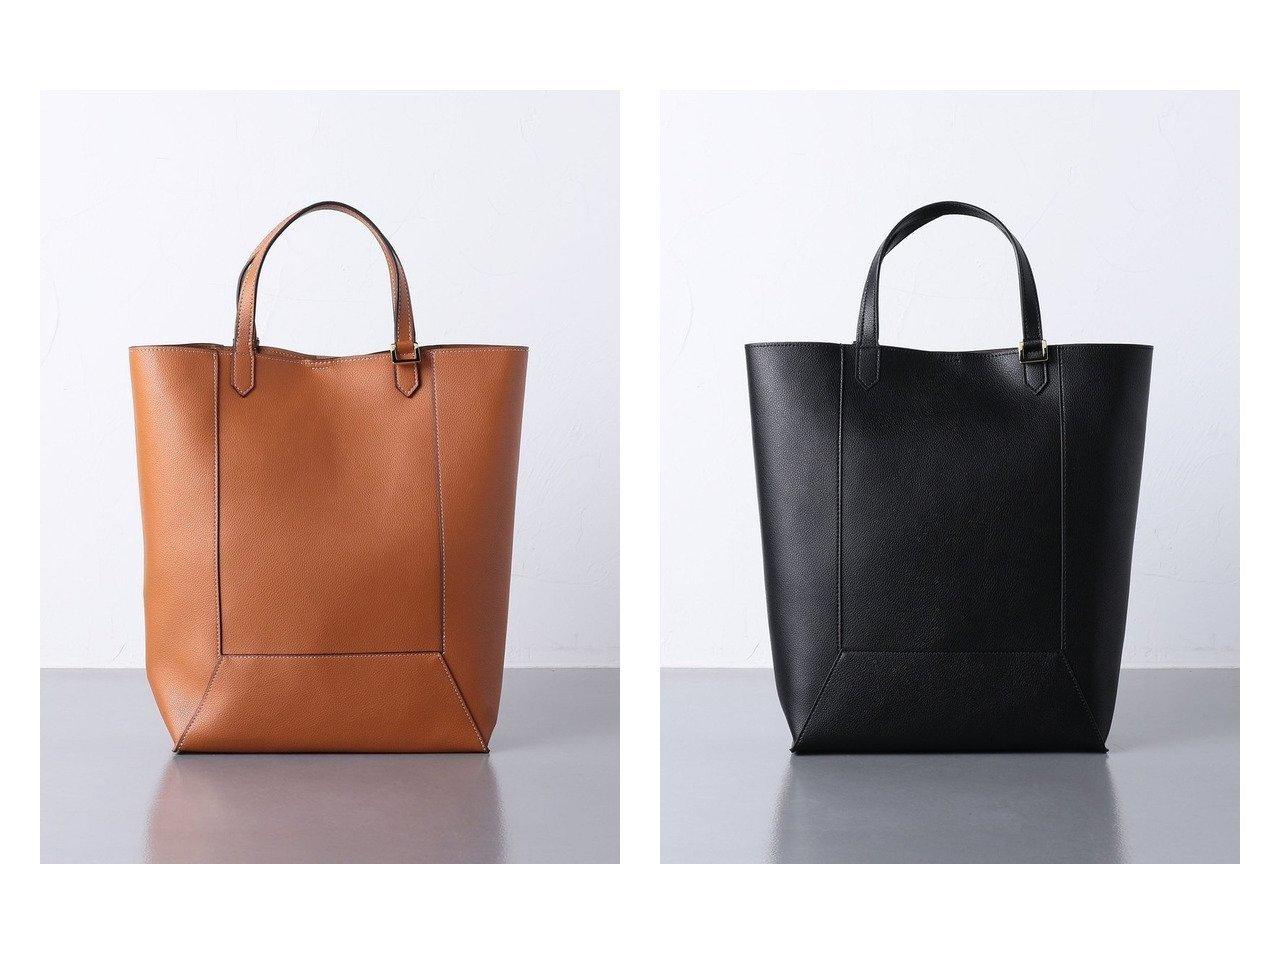 【UNITED ARROWS/ユナイテッドアローズ】のLTR PORTRAIT 2WAY トートバッグ 【バッグ・鞄】おすすめ!人気、トレンド・レディースファッションの通販 おすすめで人気の流行・トレンド、ファッションの通販商品 インテリア・家具・メンズファッション・キッズファッション・レディースファッション・服の通販 founy(ファニー) https://founy.com/ ファッション Fashion レディースファッション WOMEN バッグ Bag  ID:crp329100000067325